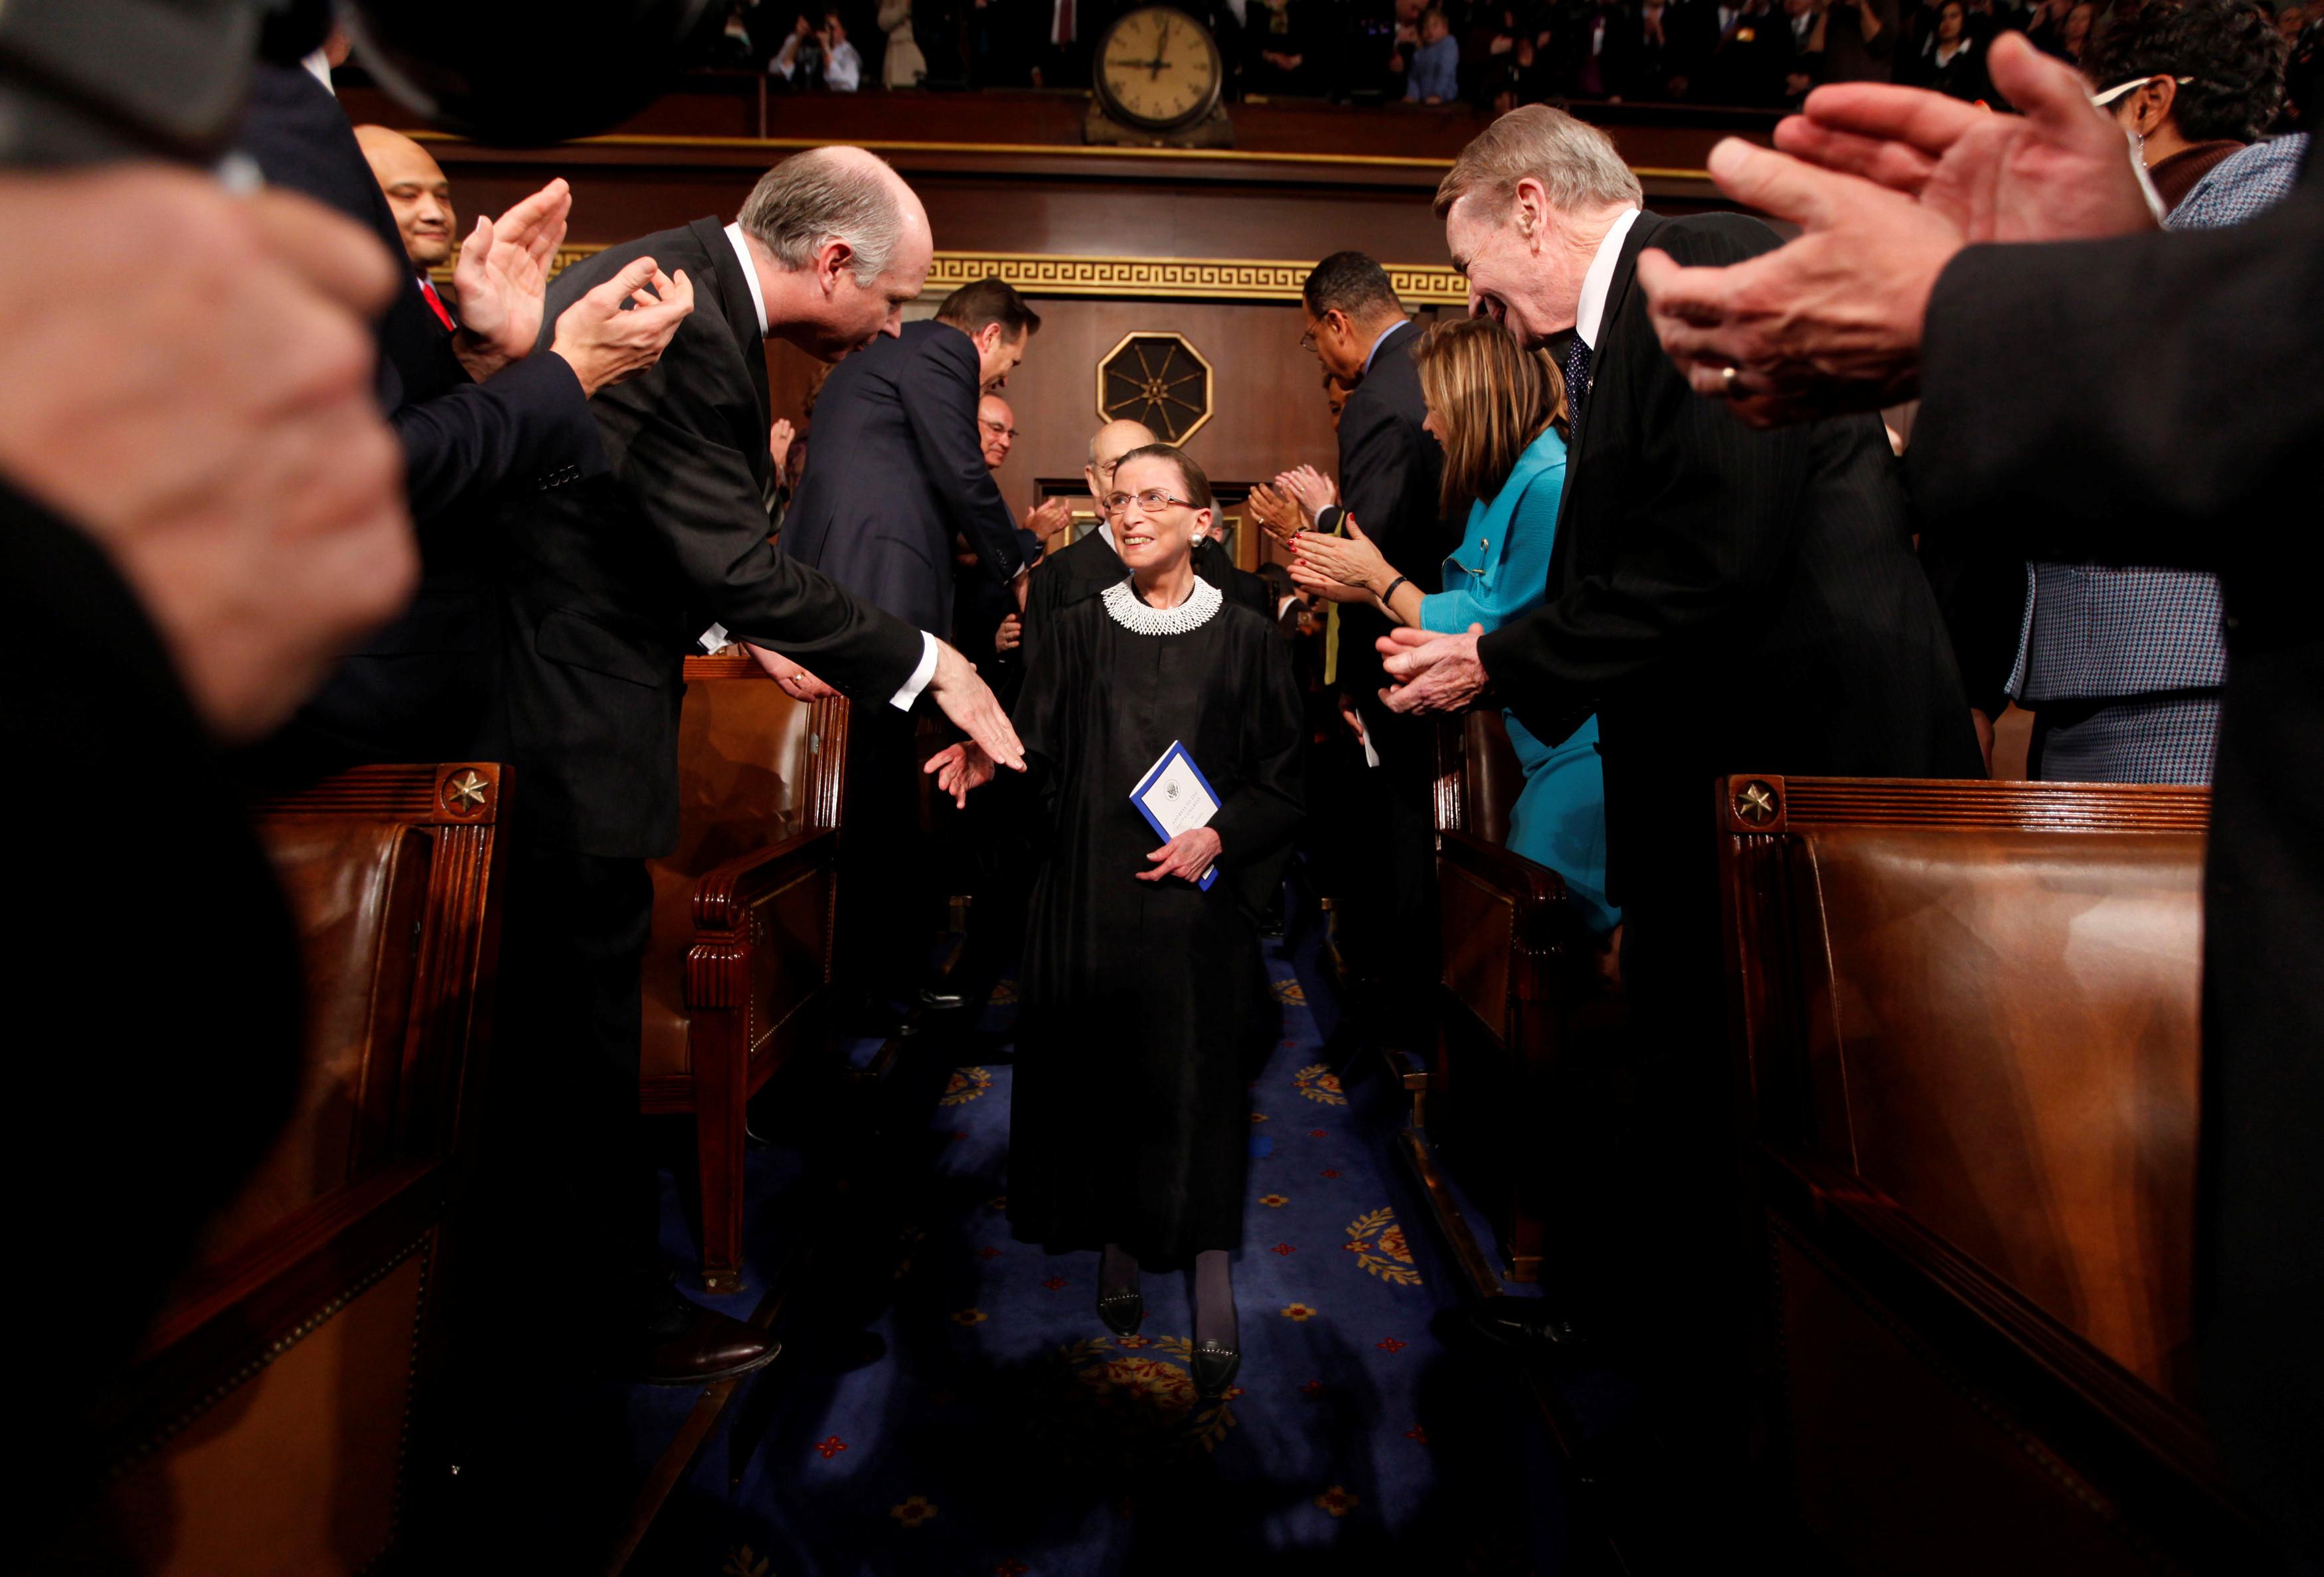 ▲美國大法官金斯伯格(Ruth Bader Ginsburg)逝世,享壽87歲,最高法院降半旗哀悼。(圖/路透)